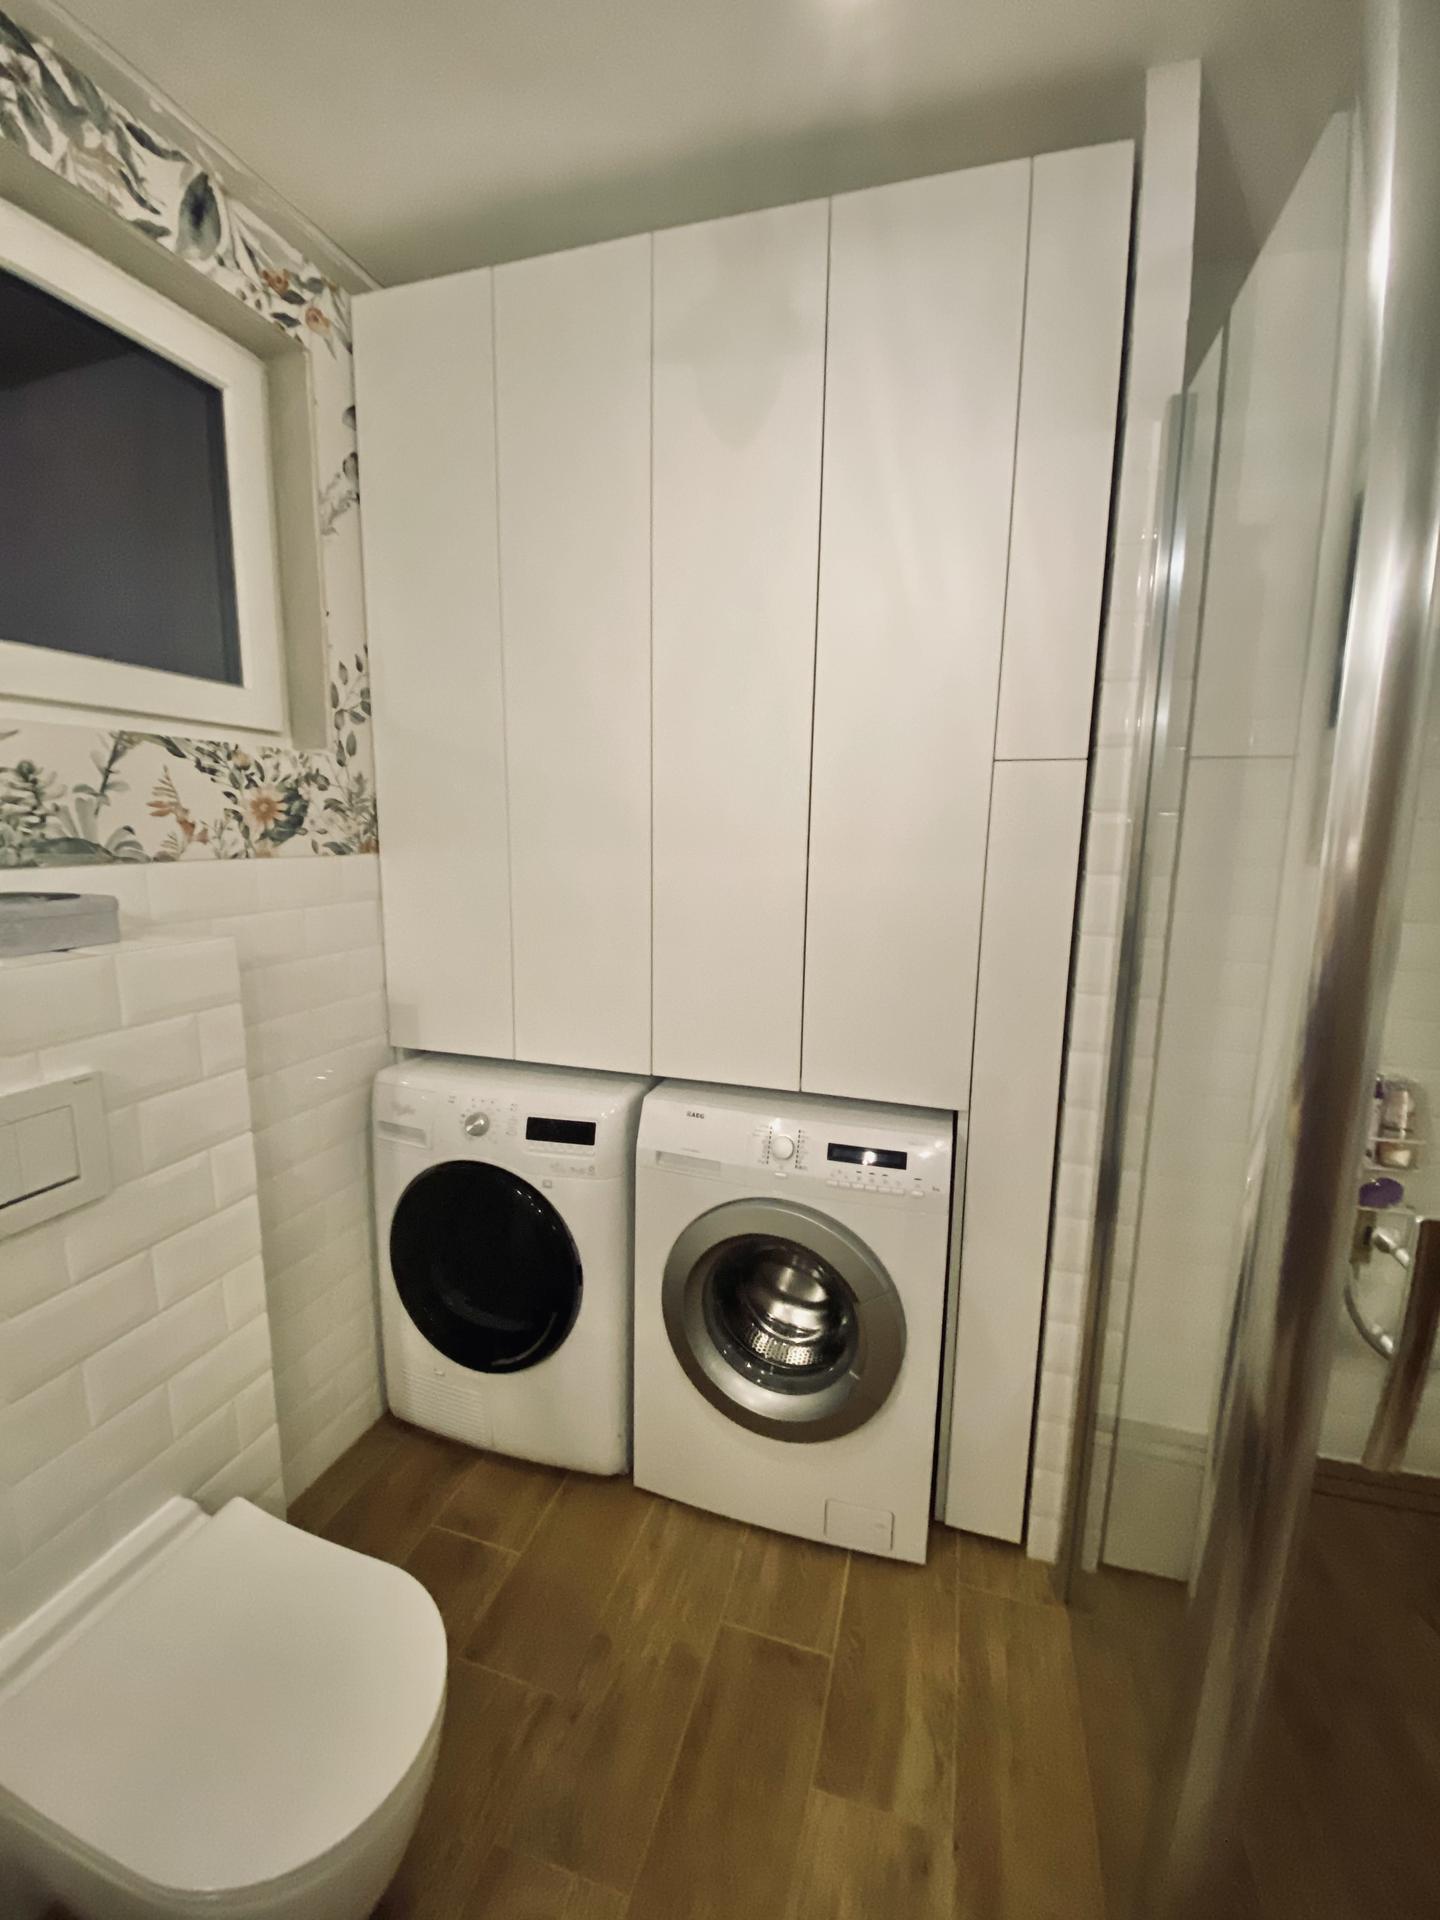 Zariaďujeme domček 🥰 - Konečne posledná z 9 vstavaných skríň 😅 Už len dokončiť detaily a aspoň jedna kúpeľňa bude na final 😊